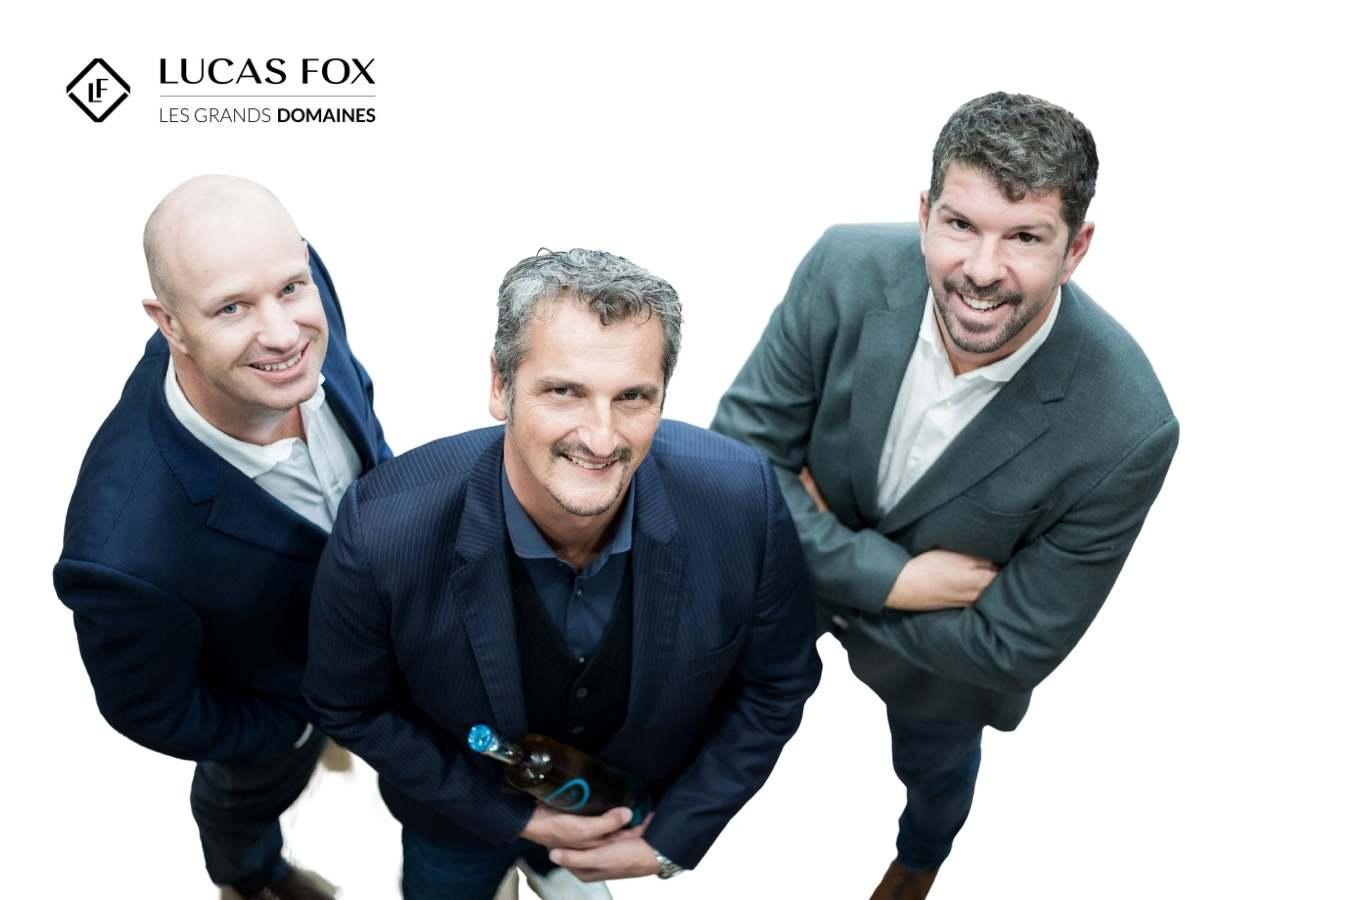 fundadores de Lucas Fox y Les Grands Domaines